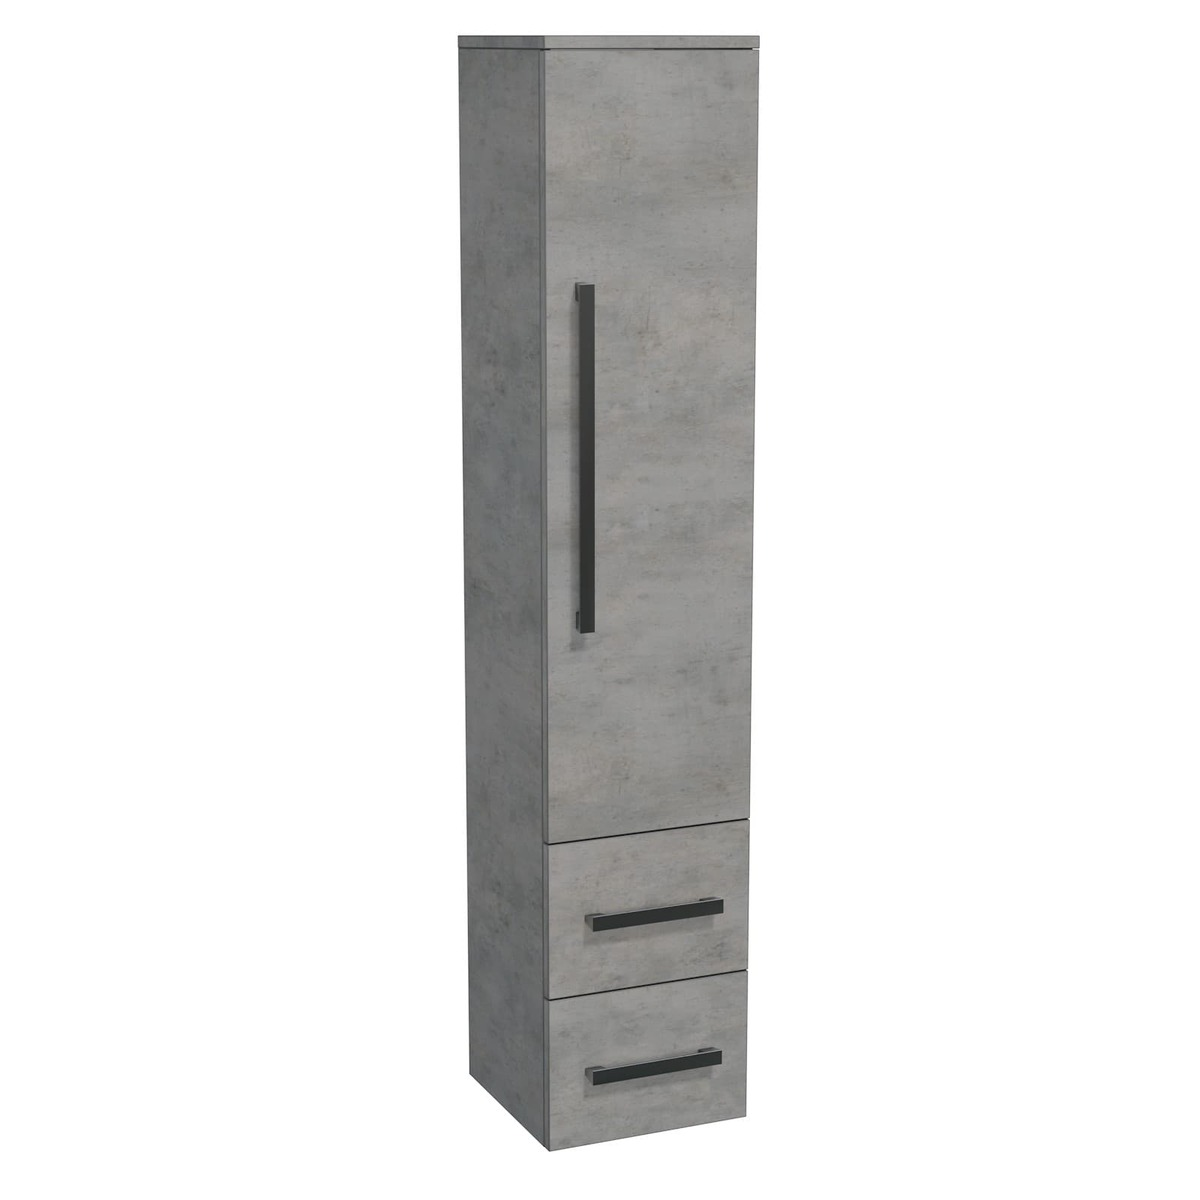 Koupelnová skříňka vysoká Naturel Cube Way 35x163x33 cm beton CUBE2V35BE